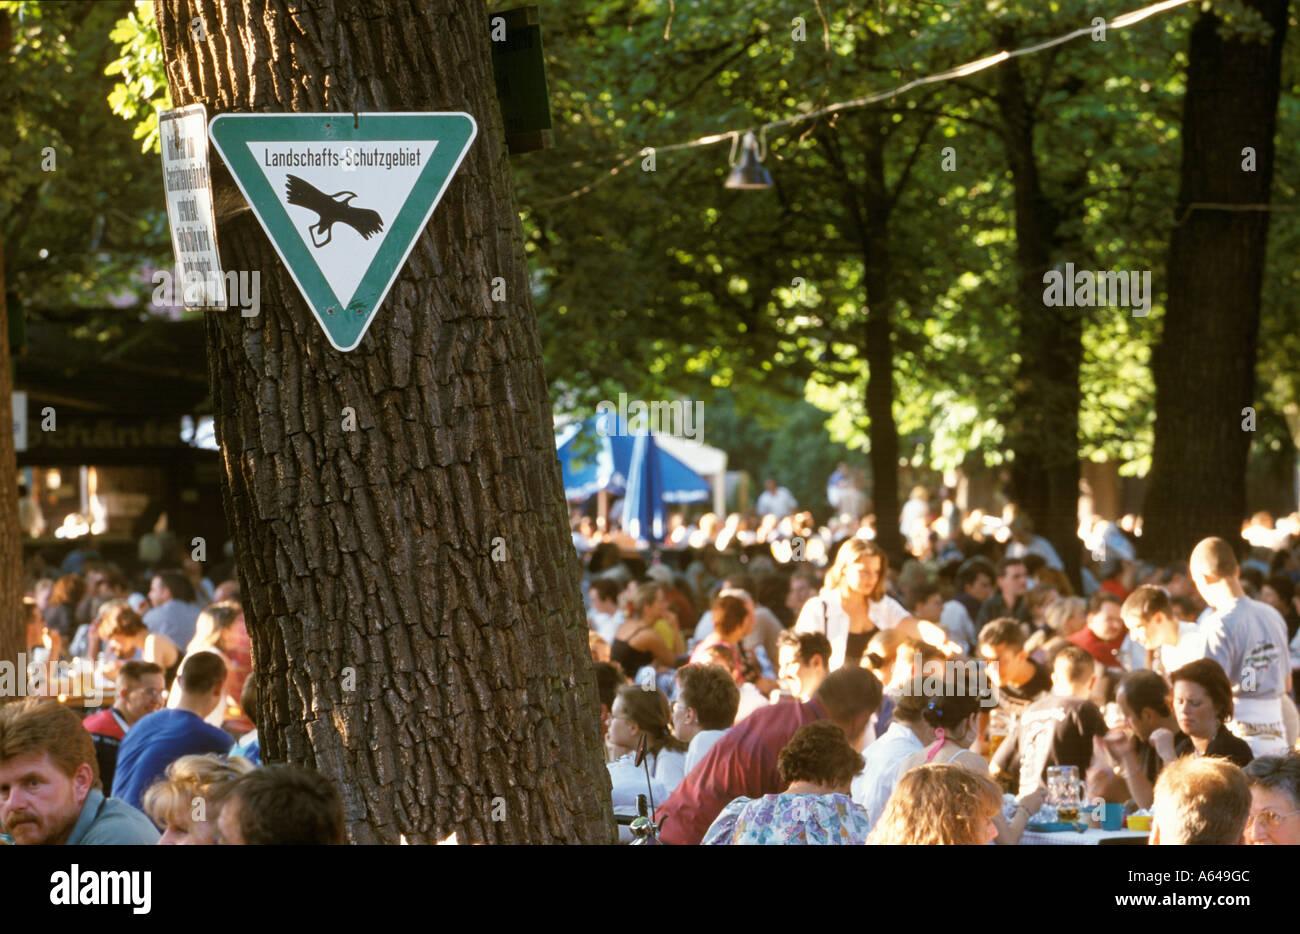 Beer Garden Sign Stock Photos & Beer Garden Sign Stock Images - Alamy